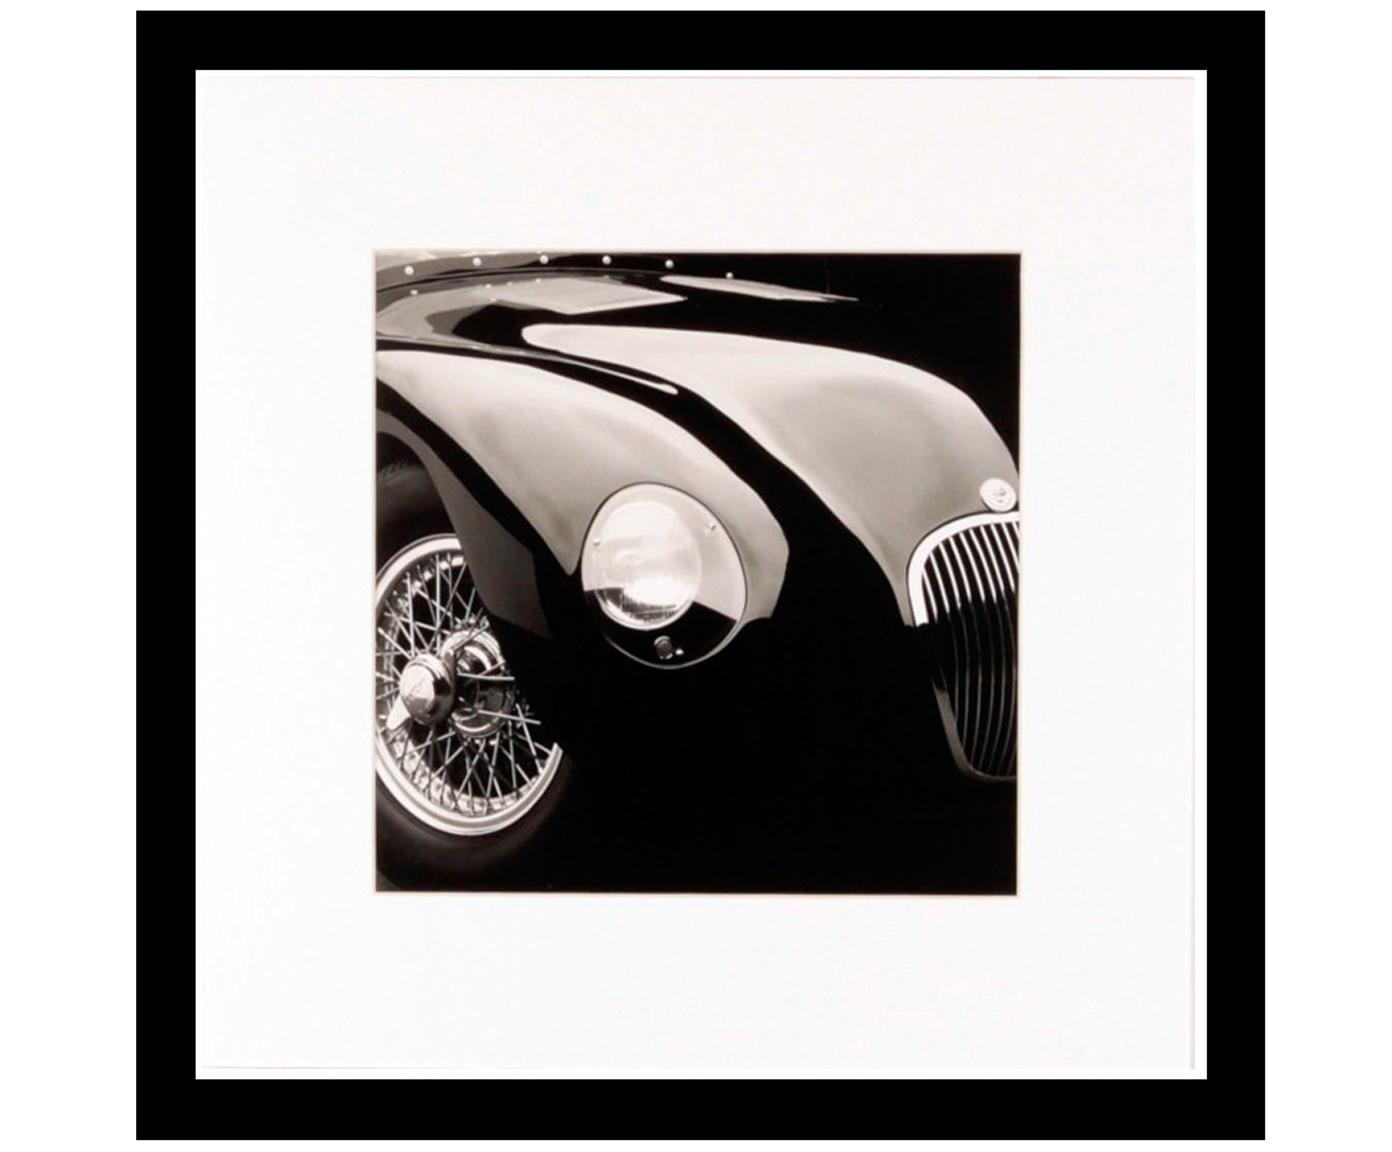 Gerahmter Digitaldruck Oldtimer II, Bild: Digitaldruck, Rahmen: Kunststoff, Front: Glas, Bild: Schwarz, Weiss<br>Rahmen: Schwarz, 30 x 30 cm